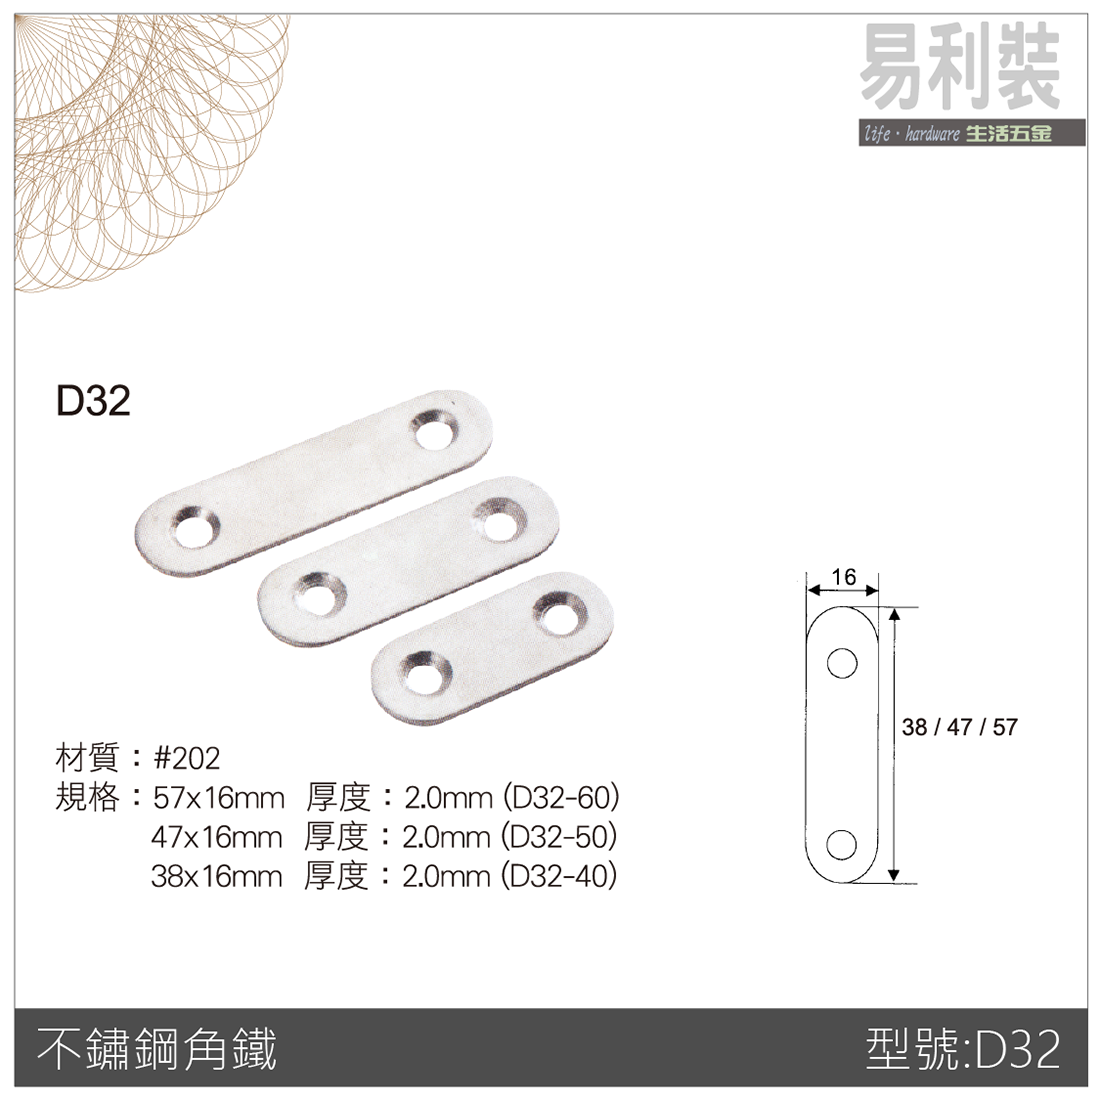 【 EASYCAN 】D32 不鏽鋼 角碼 1包10片 易利裝生活五金 角鐵 轉角片 補強 房間 臥房 客廳 餐廳 櫥櫃 衣櫃 小資族 辦公家具 系統家具